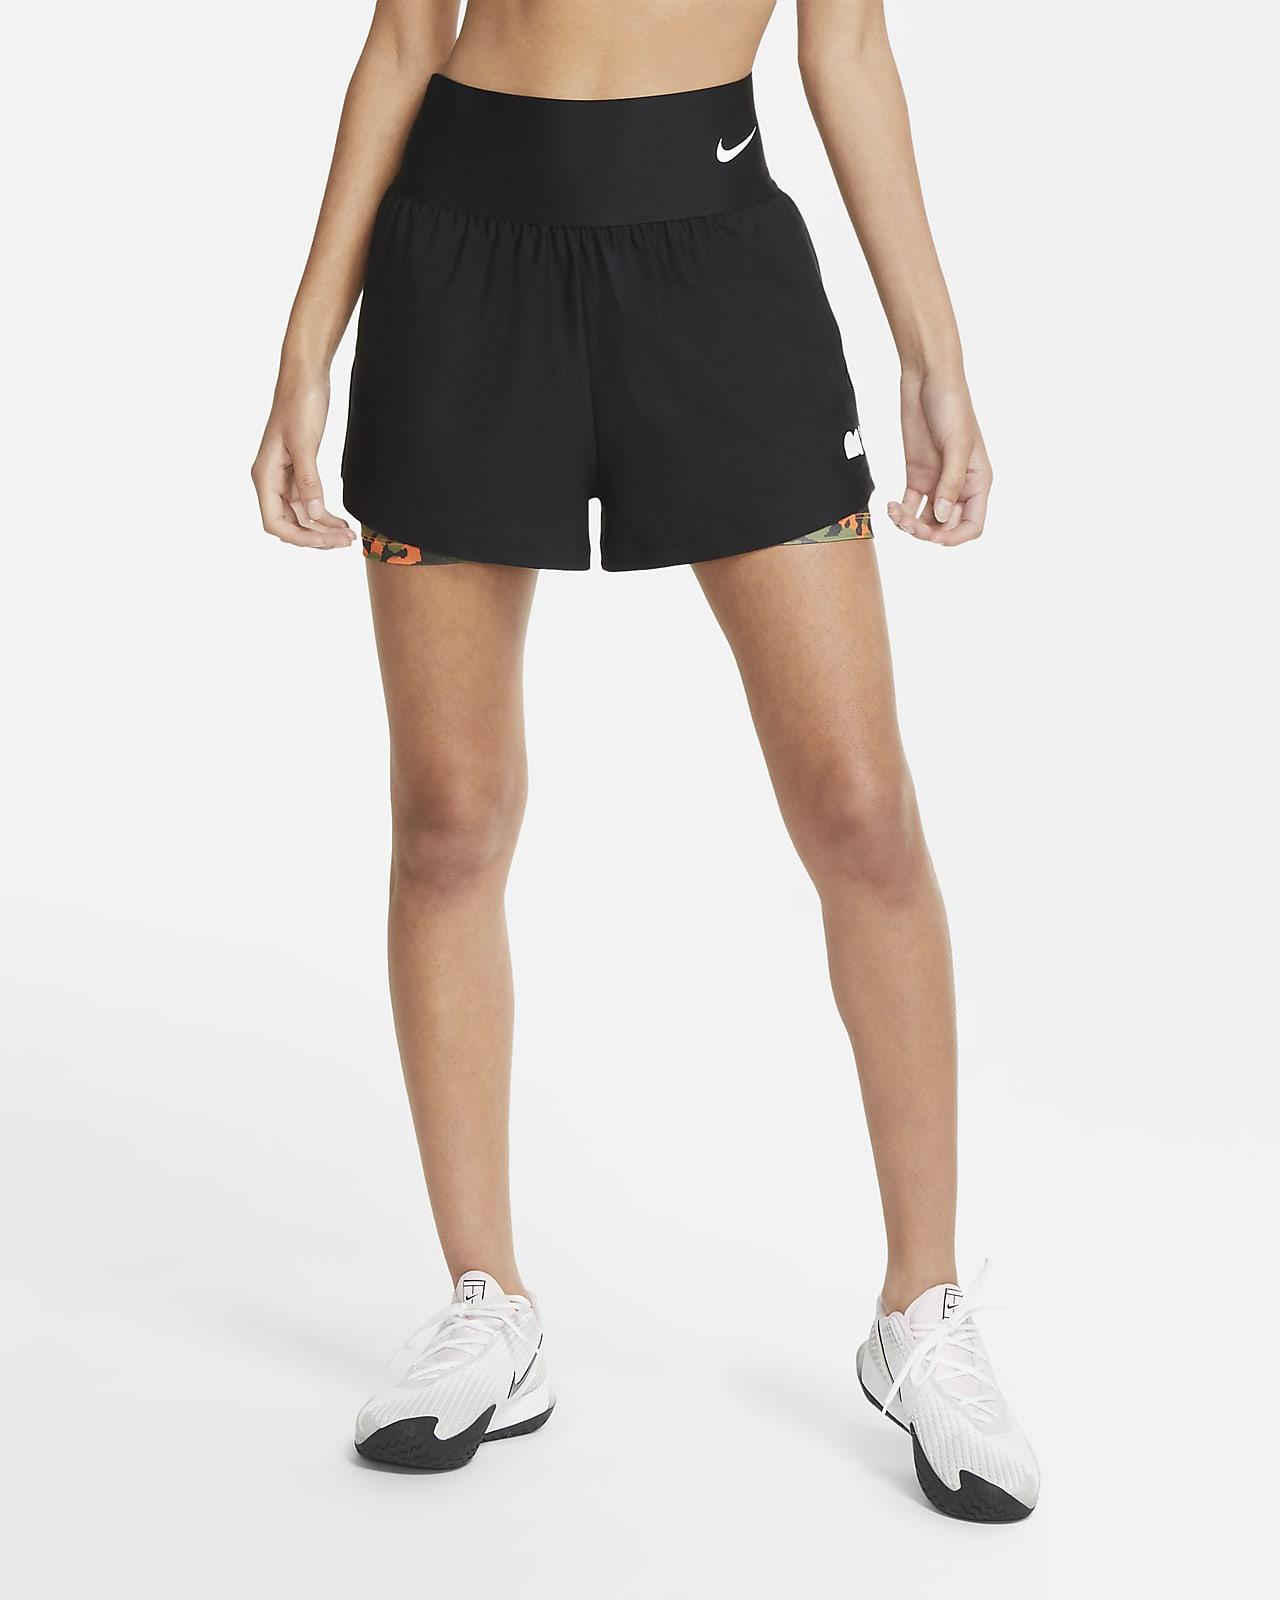 Σορτς τένις NikeCourt Dri-FIT Naomi Osaka